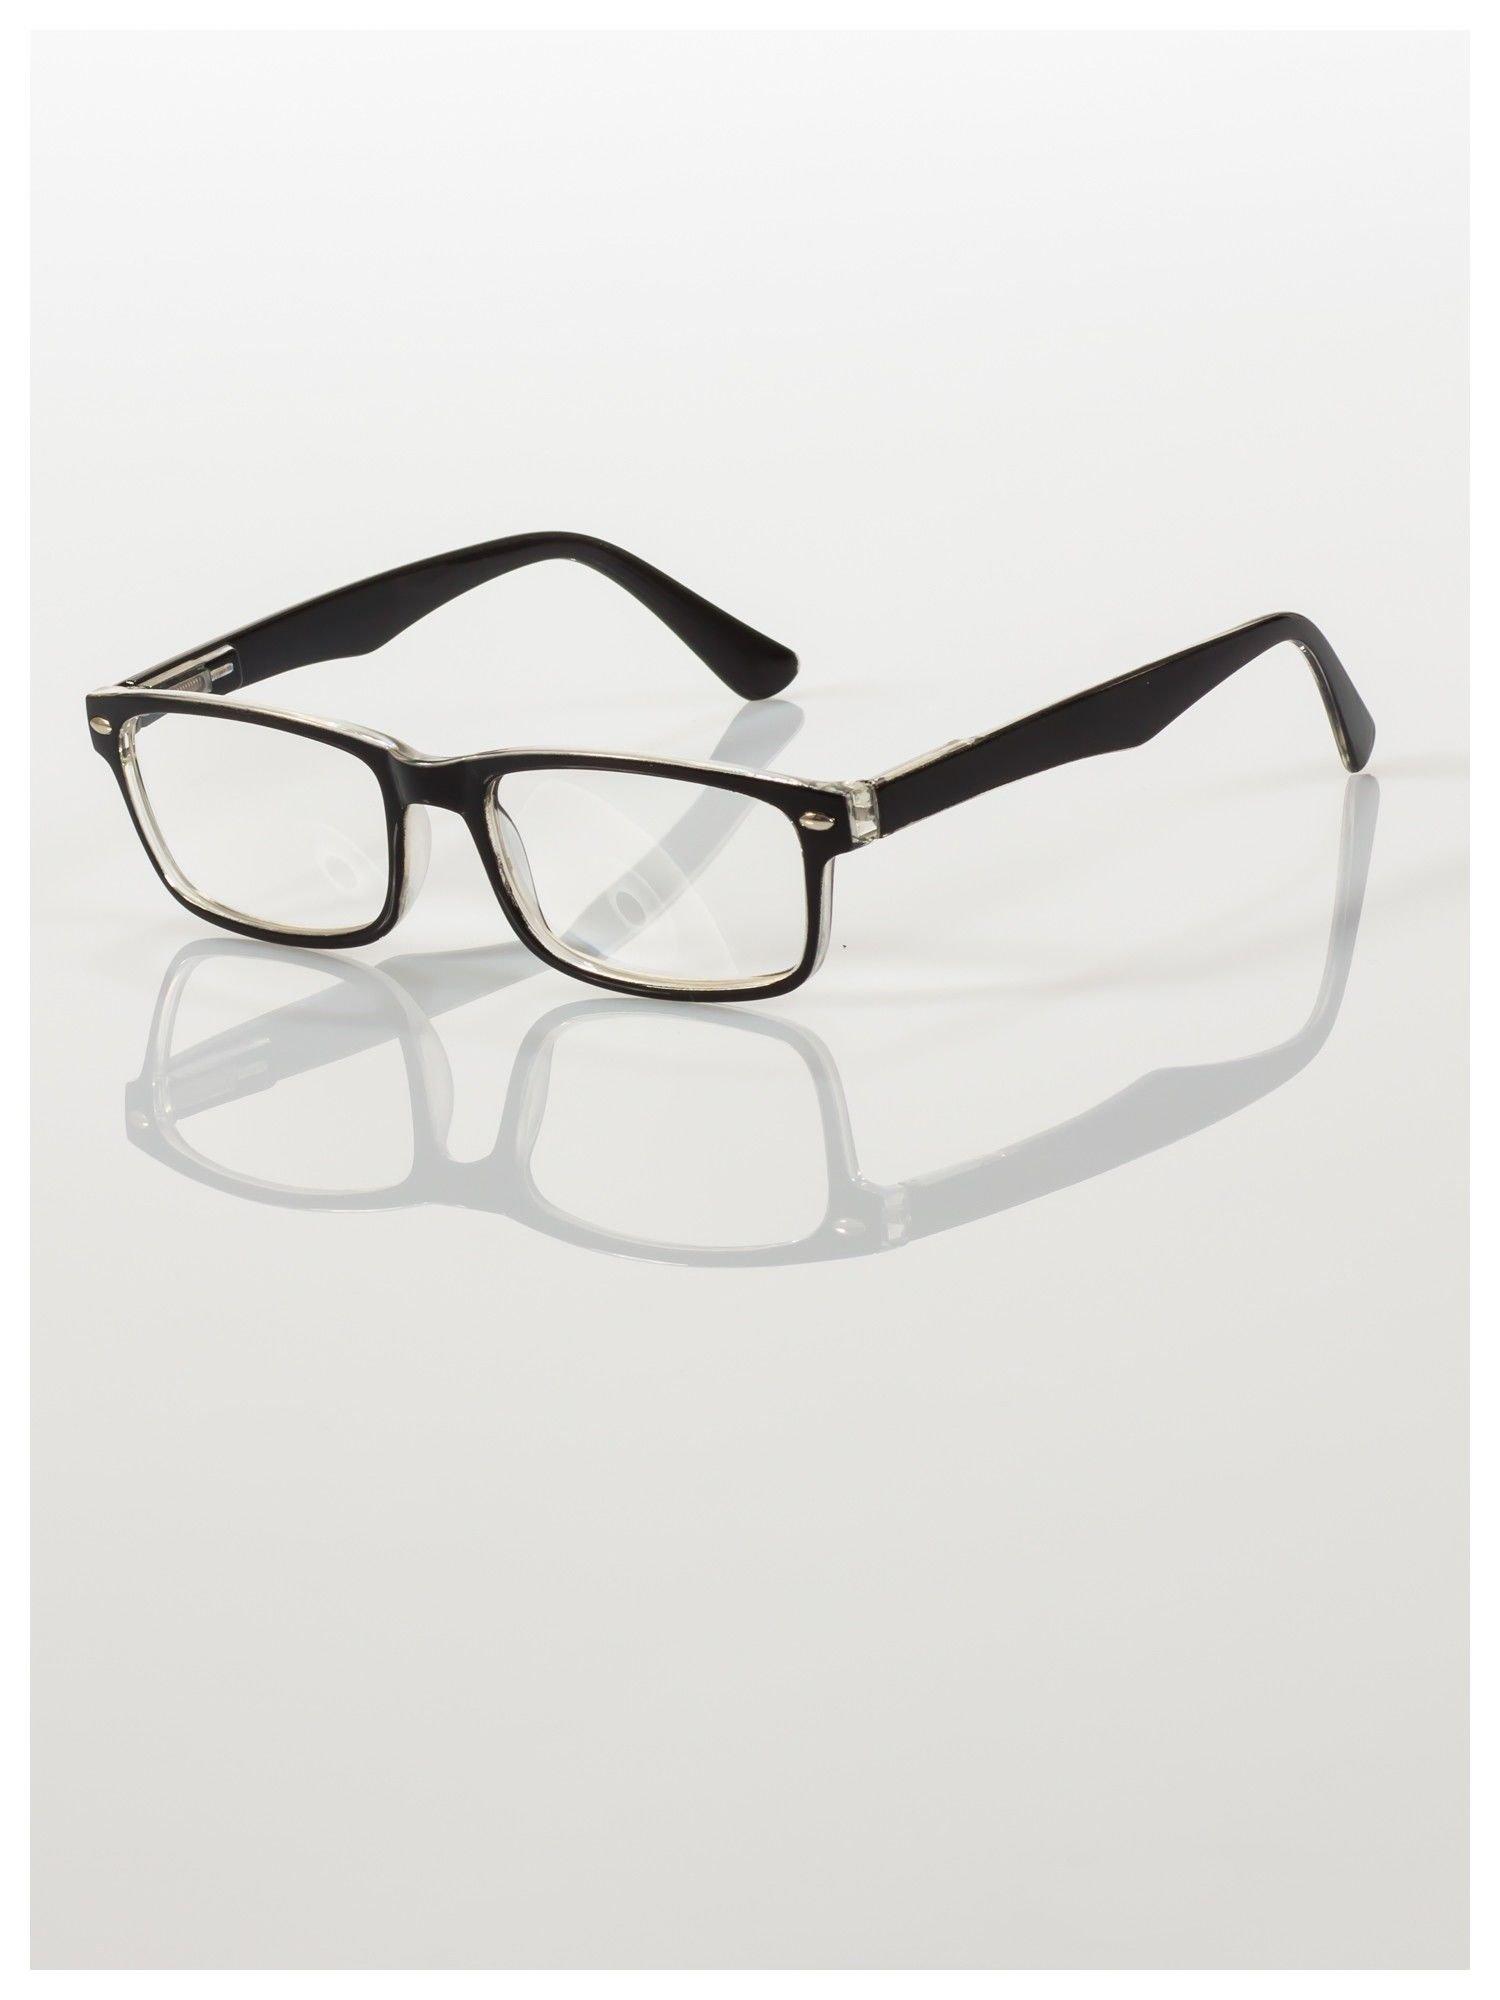 Okulary korekcyjne +3.0 D ,model WAYFARER do czytania z systemem FLEX na zausznikach +GRATIS PLASTIKOWE ETUI I ŚCIERECZKA Z MIKROFIBRY                                  zdj.                                  2